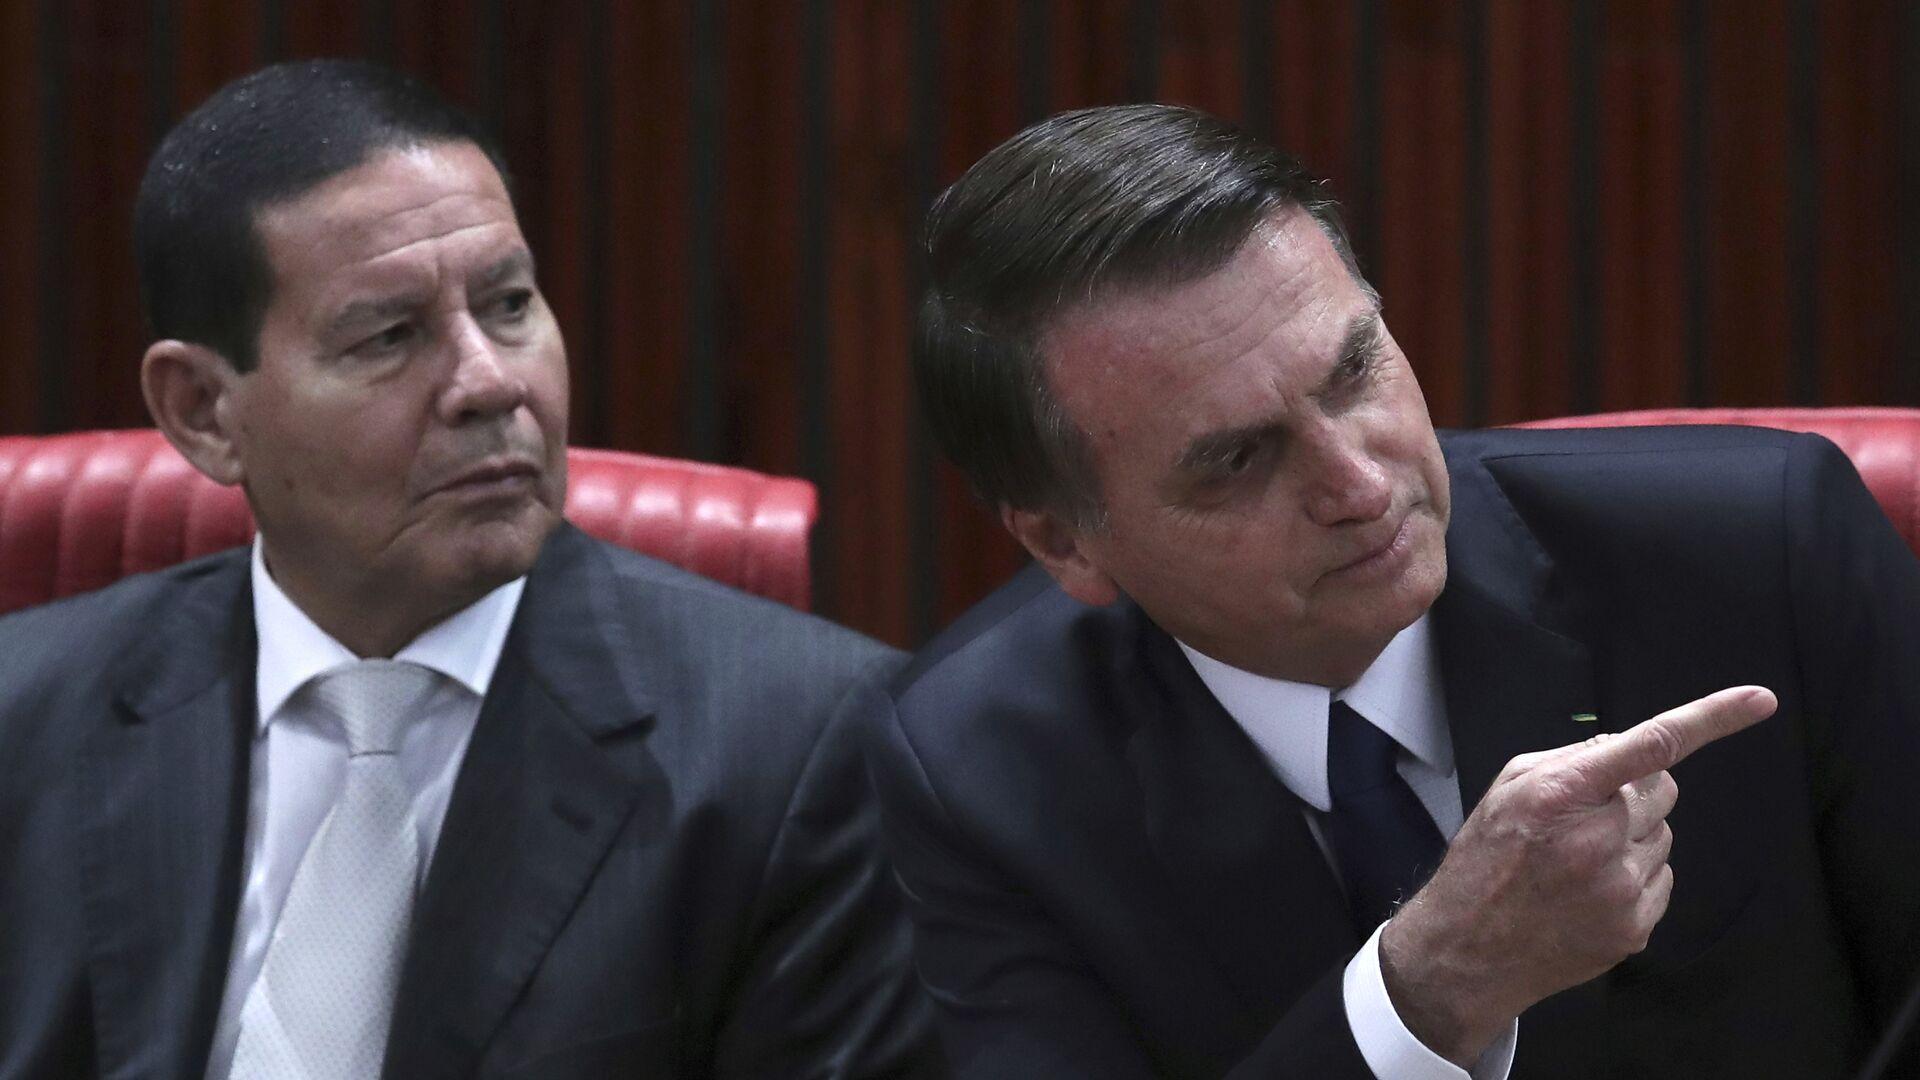 El vicepresidente de Brasil, Antonio Hamilton Mourao, y el presidente Jair Bolsonaro - Sputnik Mundo, 1920, 23.08.2021